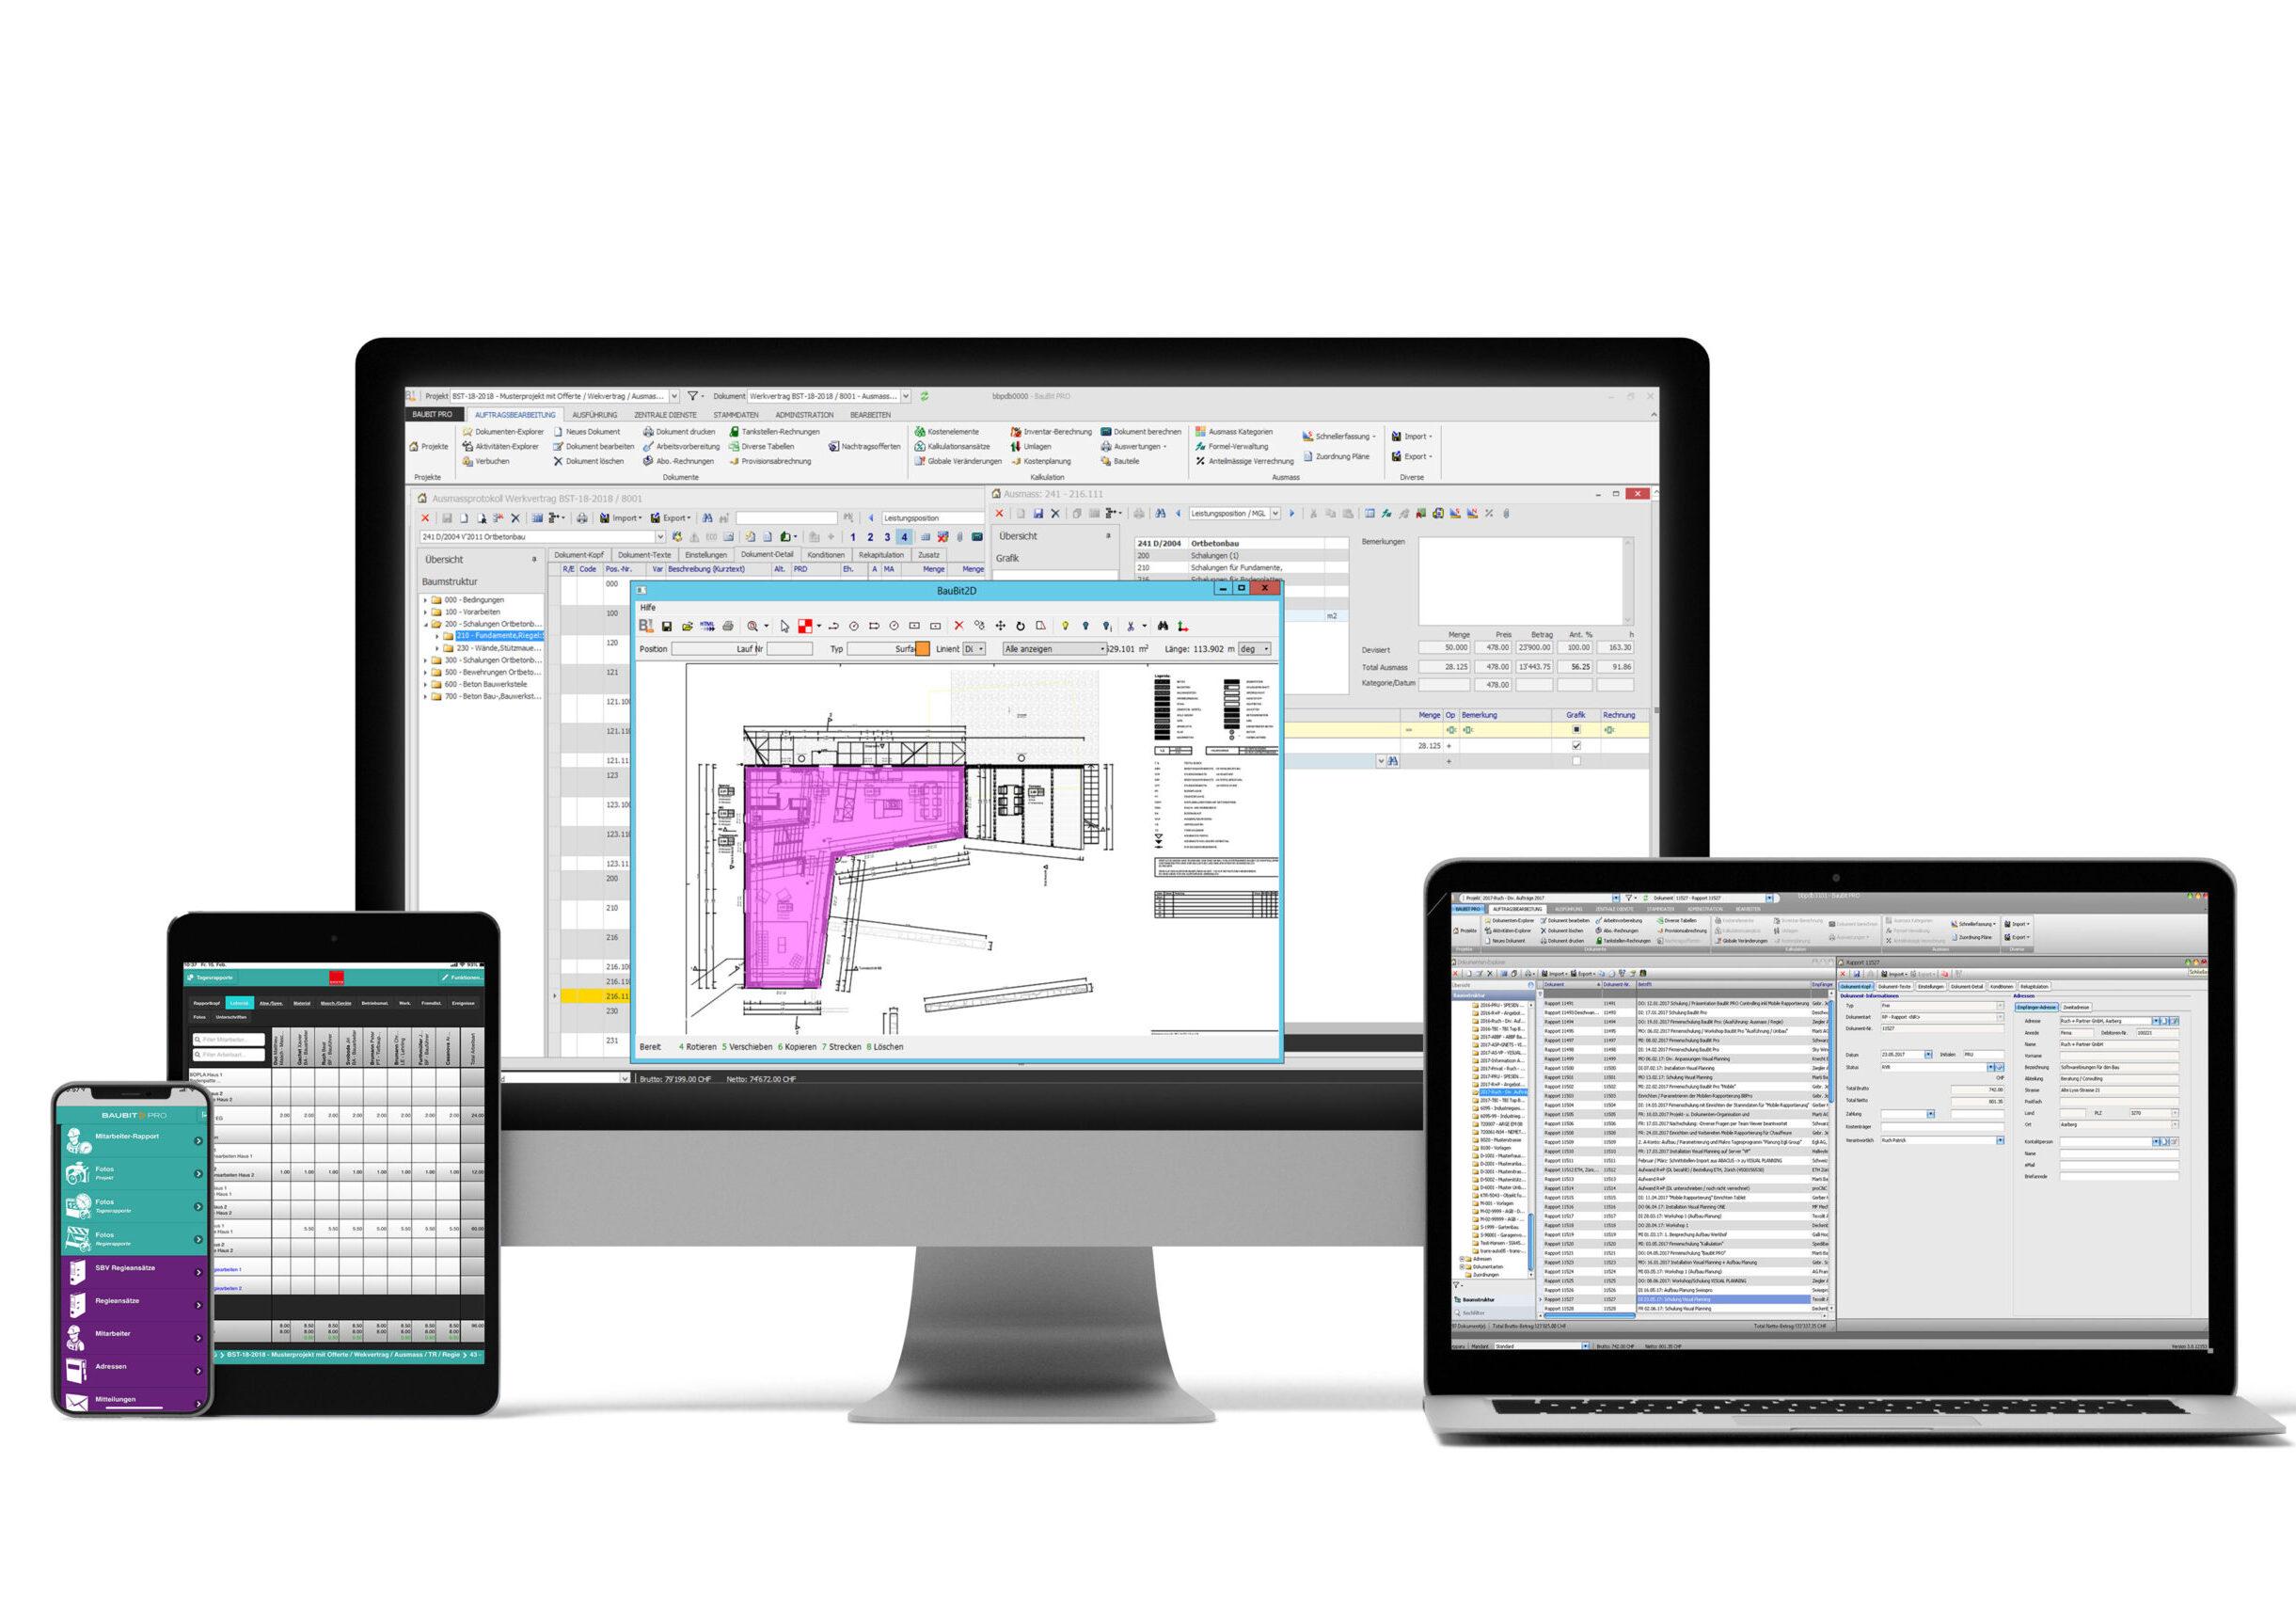 Desktop_Laptop_Tablet_Smartphone_BauBit